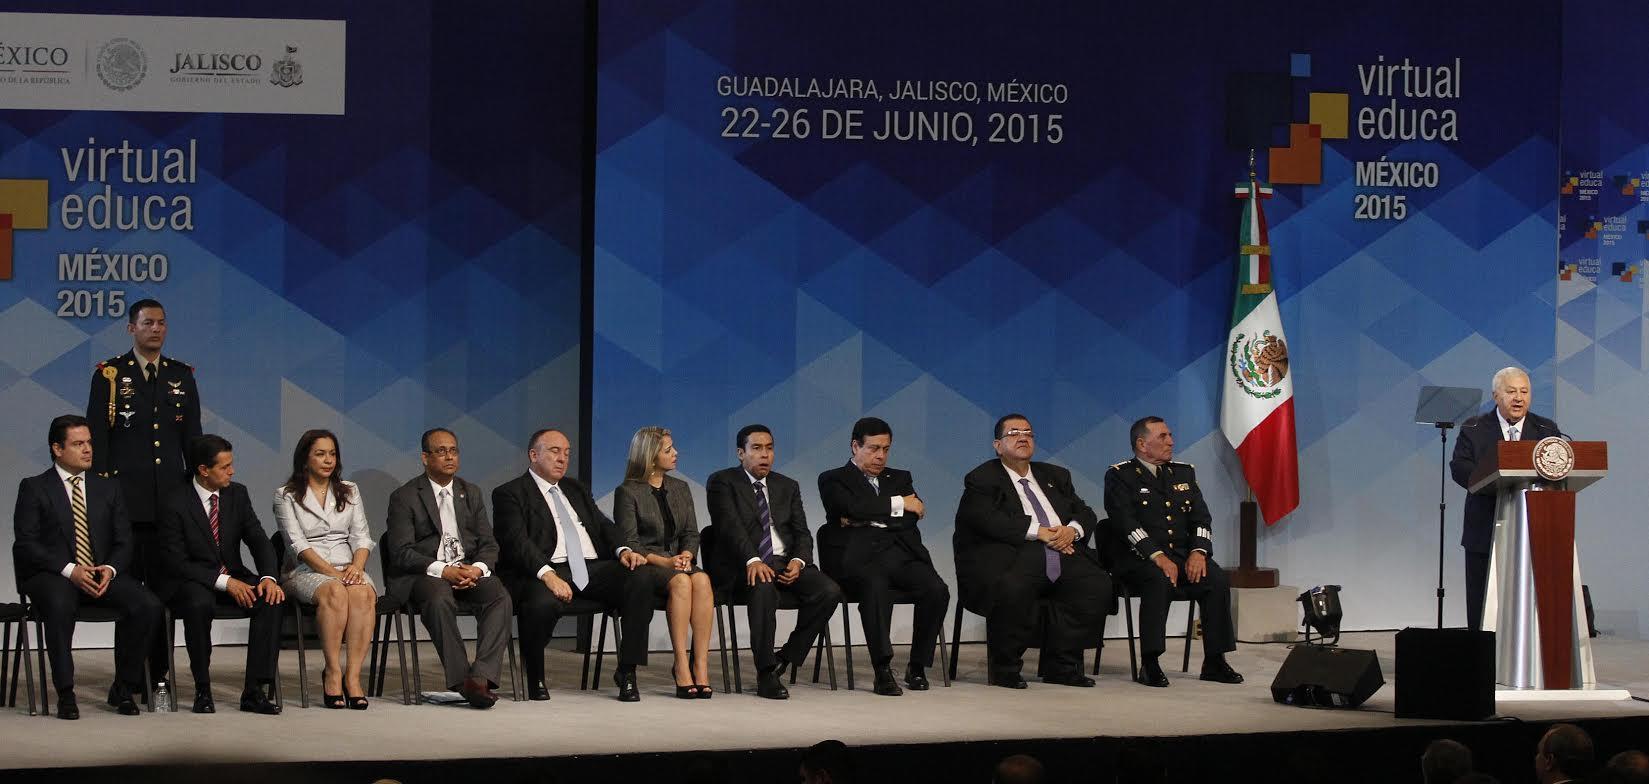 El secretario de Educación Pública estuvo con el presidente Enrique Peña Nieto en el XVI Encuentro Internacional Virtual Educa México 2015